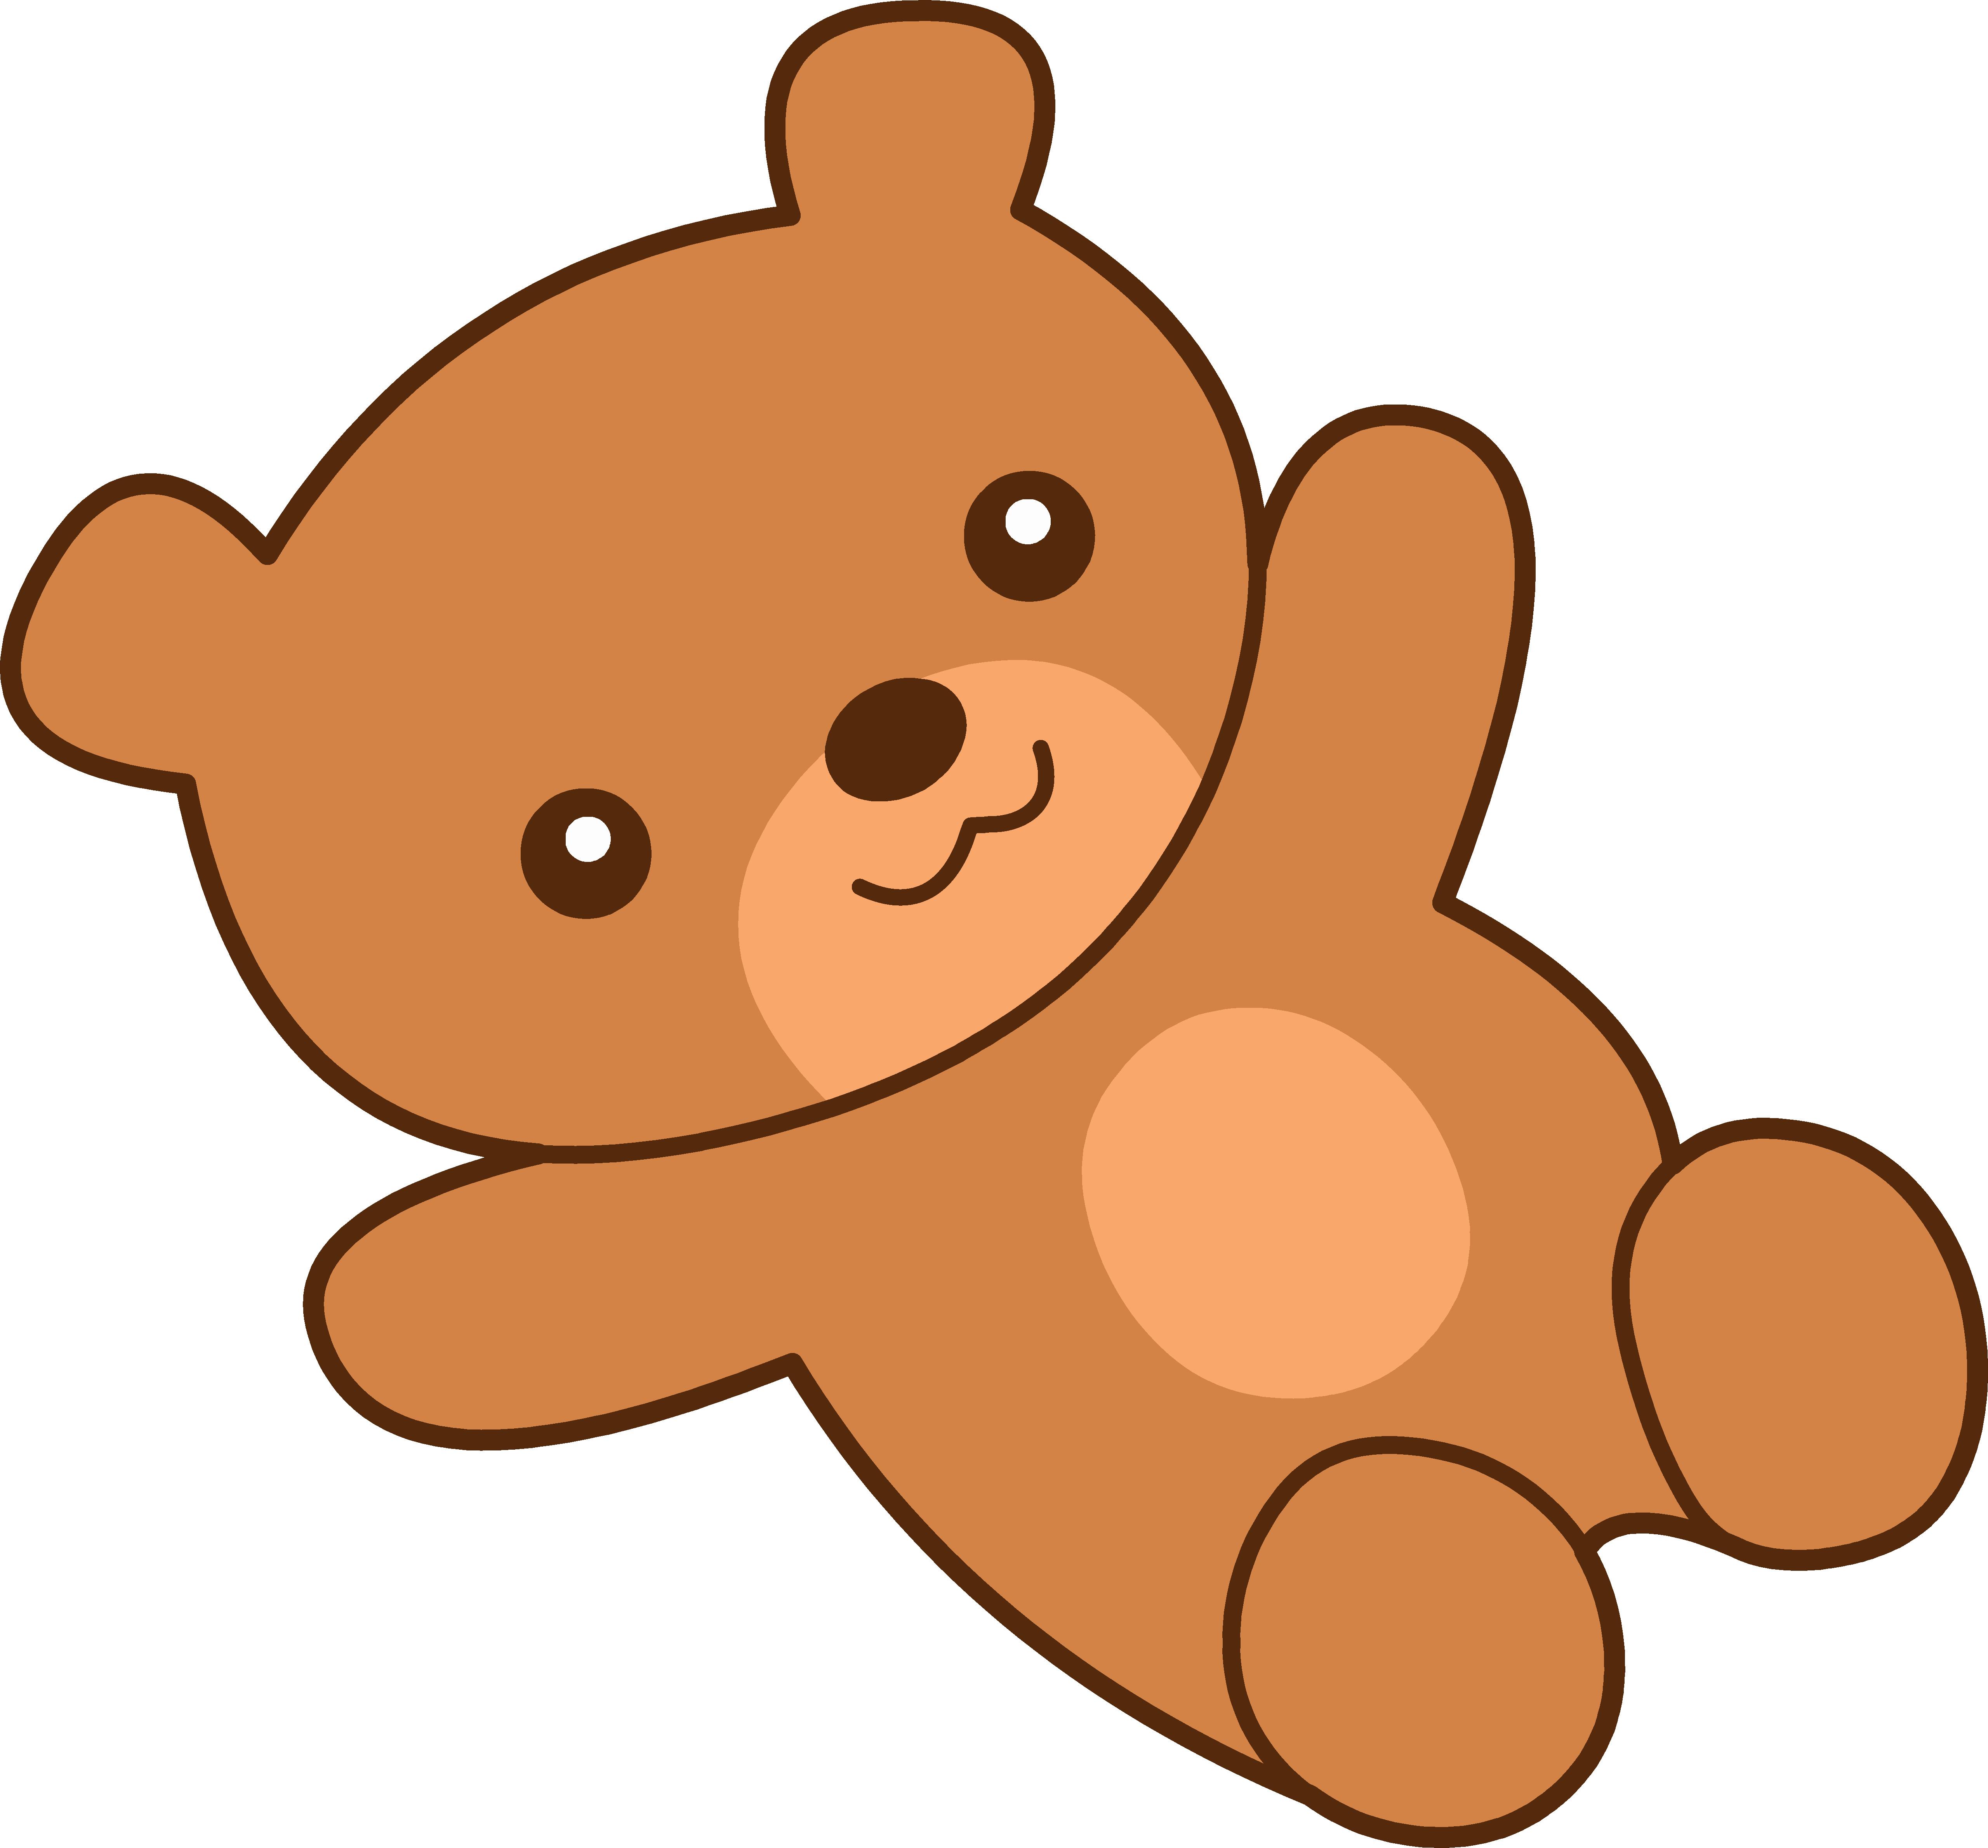 5120x4760 Cute Anime Teddy Bear Awesome Anime Teddy